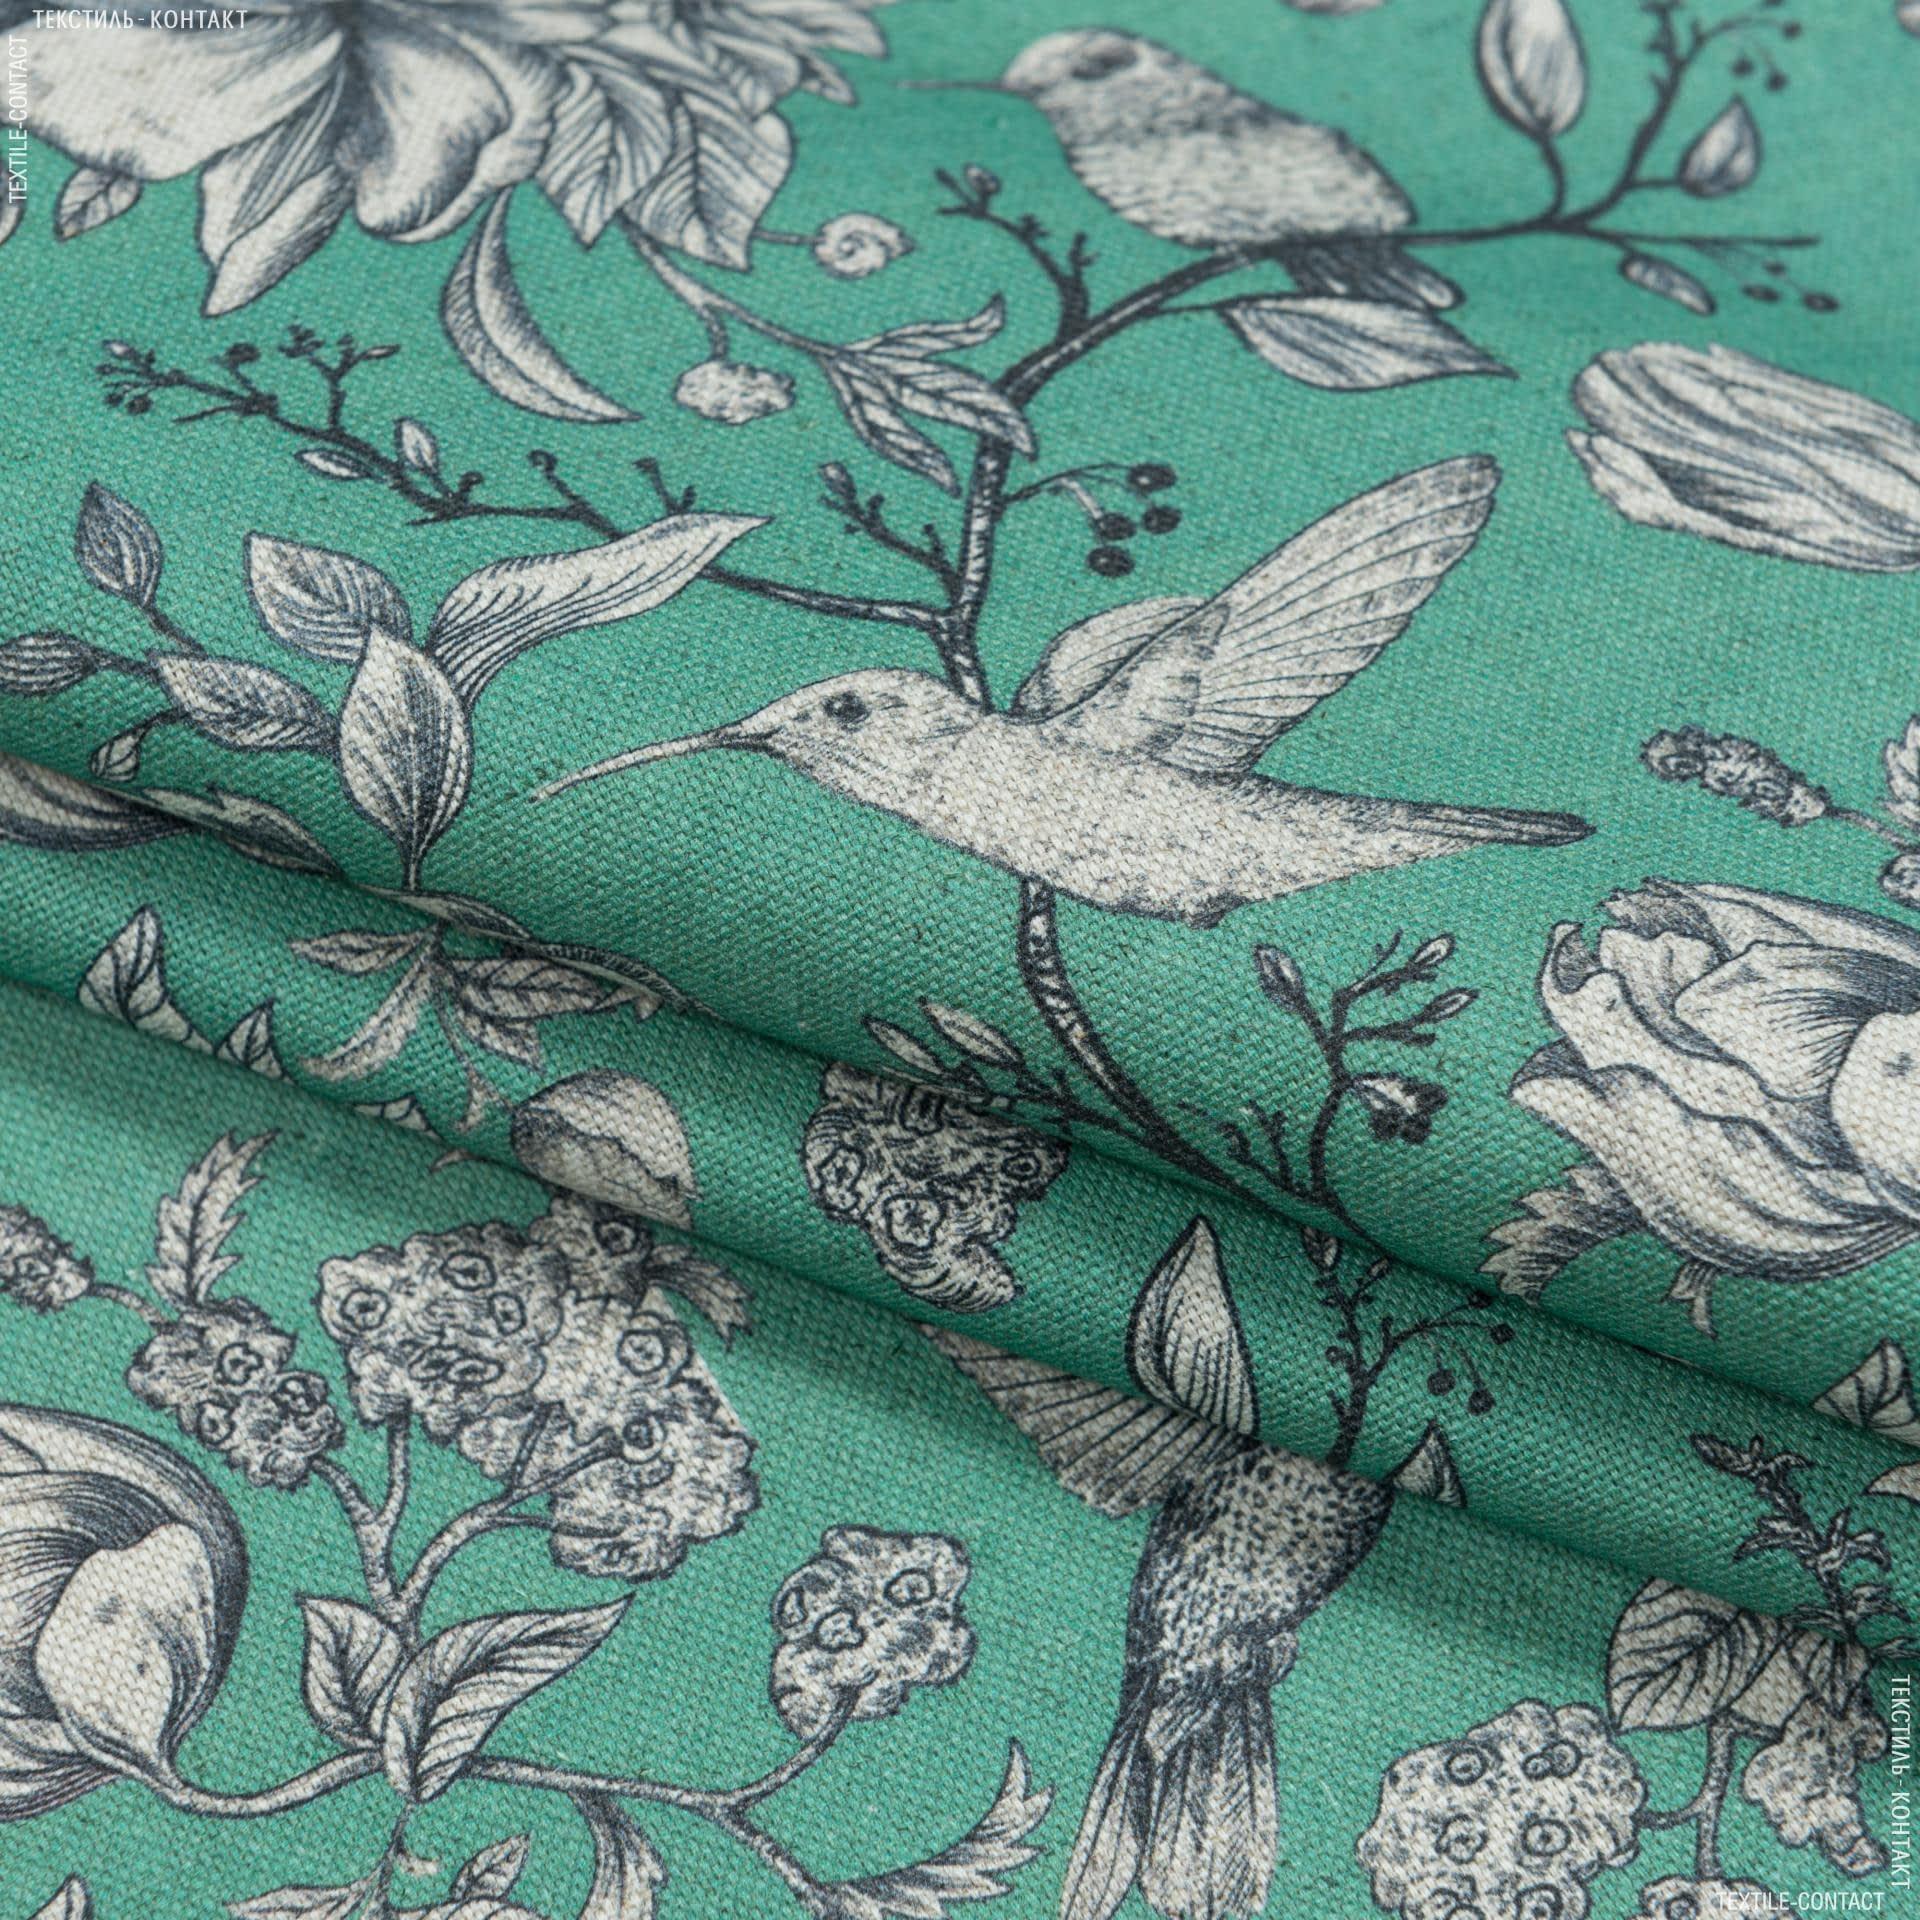 Ткани портьерные ткани - Декоративная ткань лужан цветы колибри зеленый